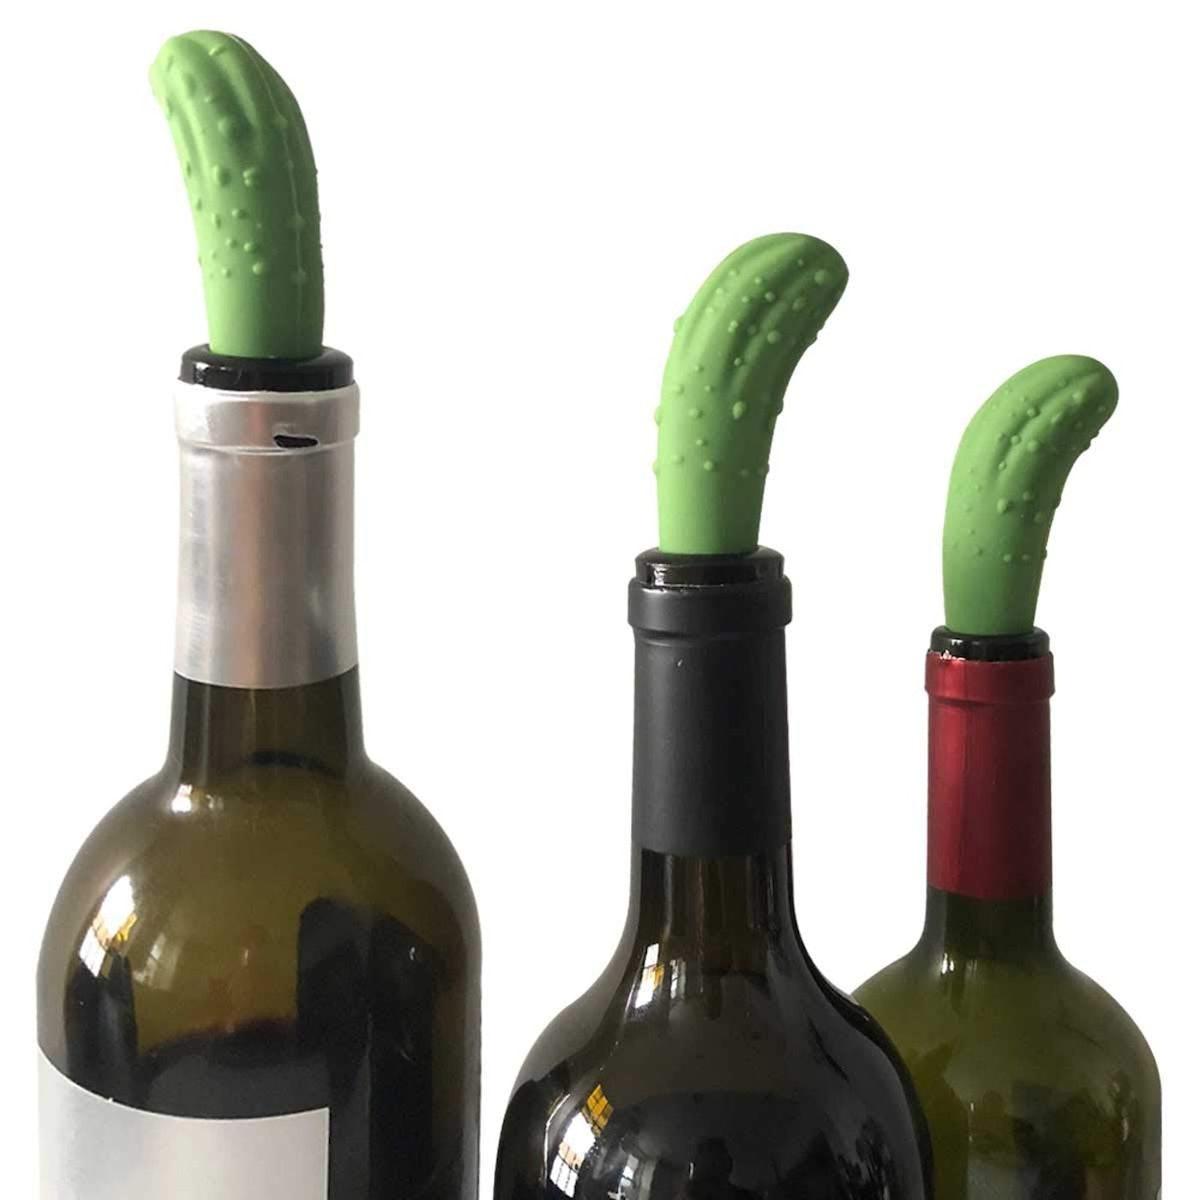 HAWWWY Pickle Wine Stopper